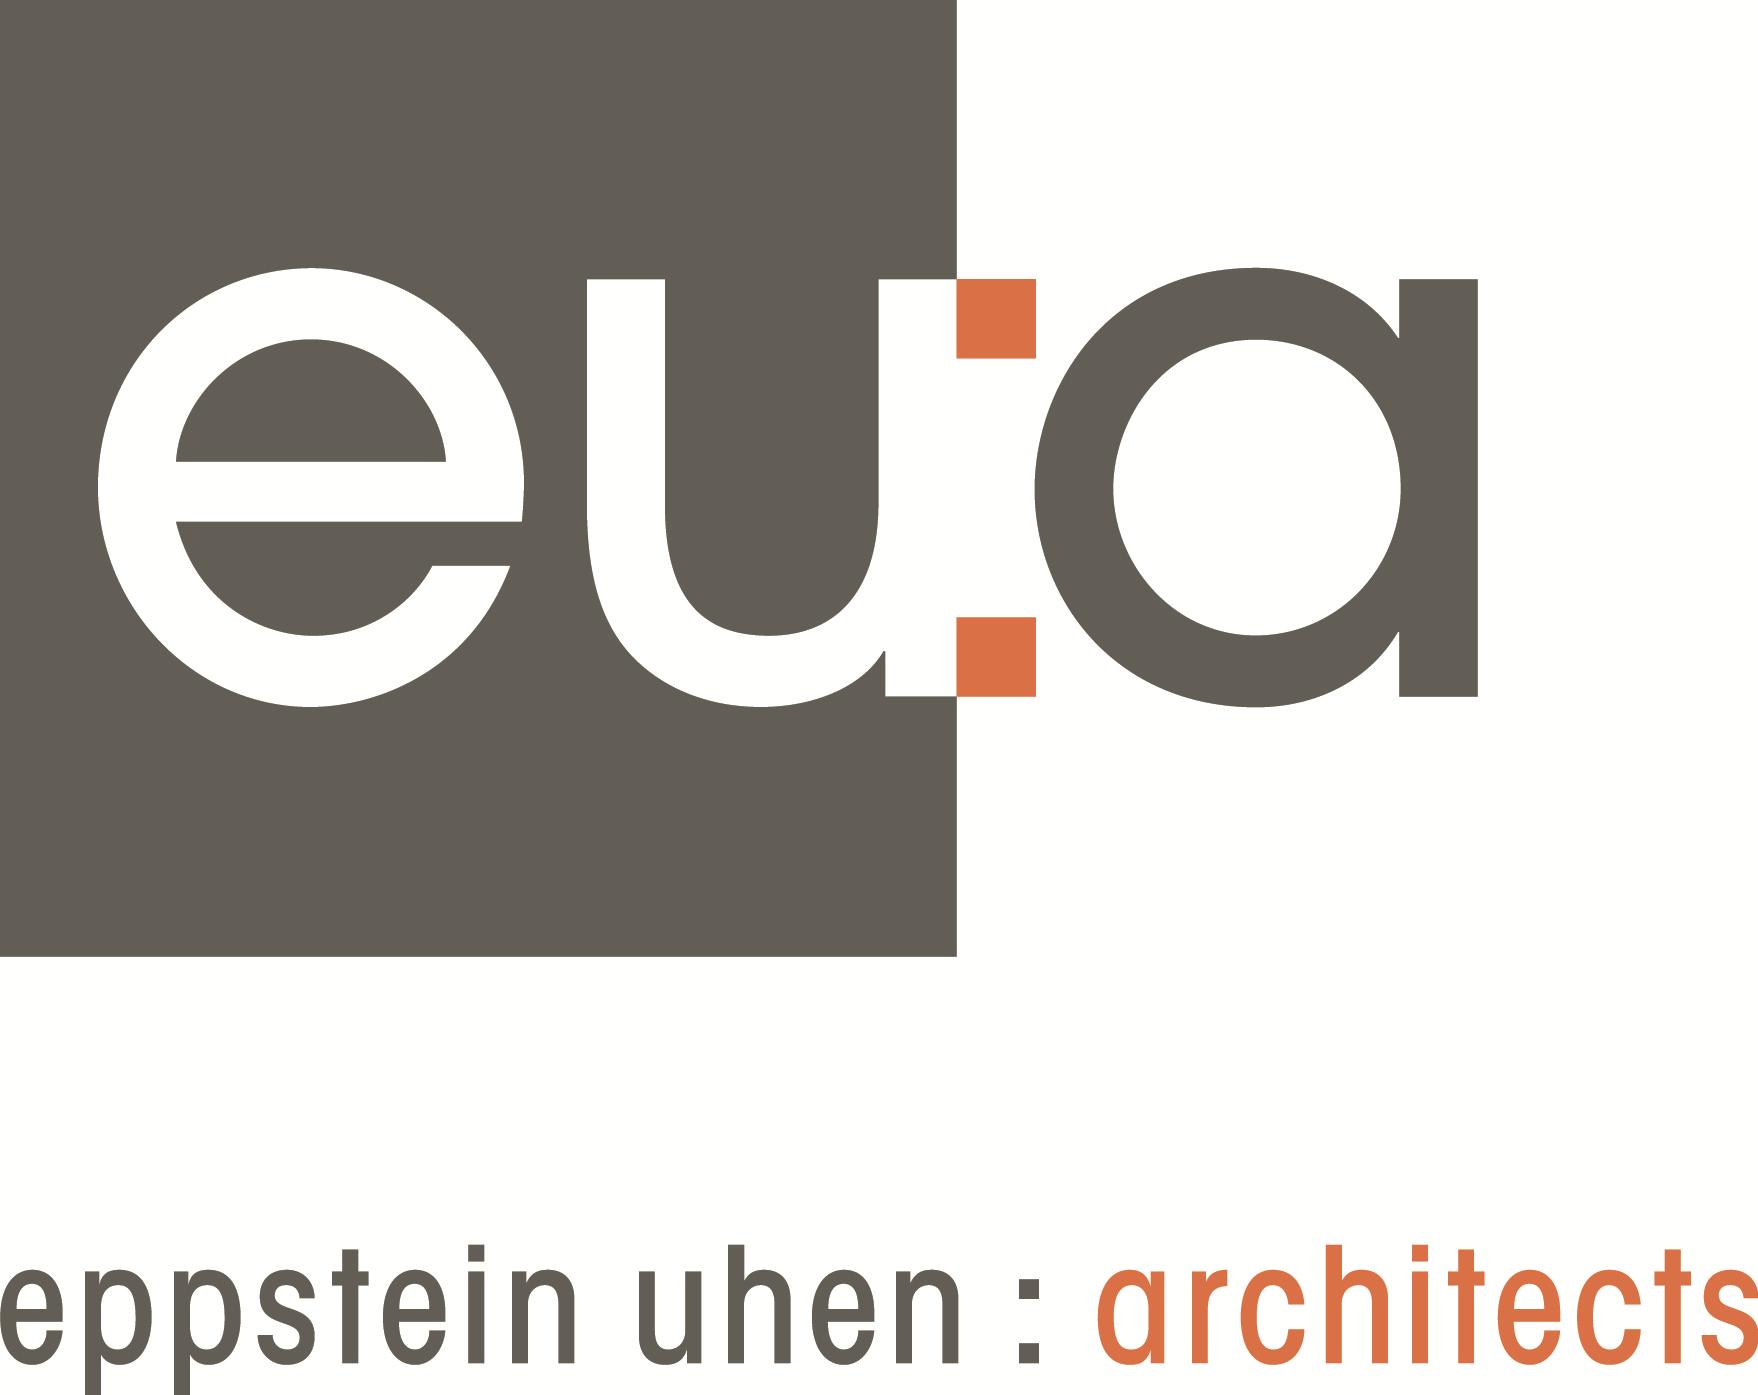 image of Eppstein Uhen Architects logo